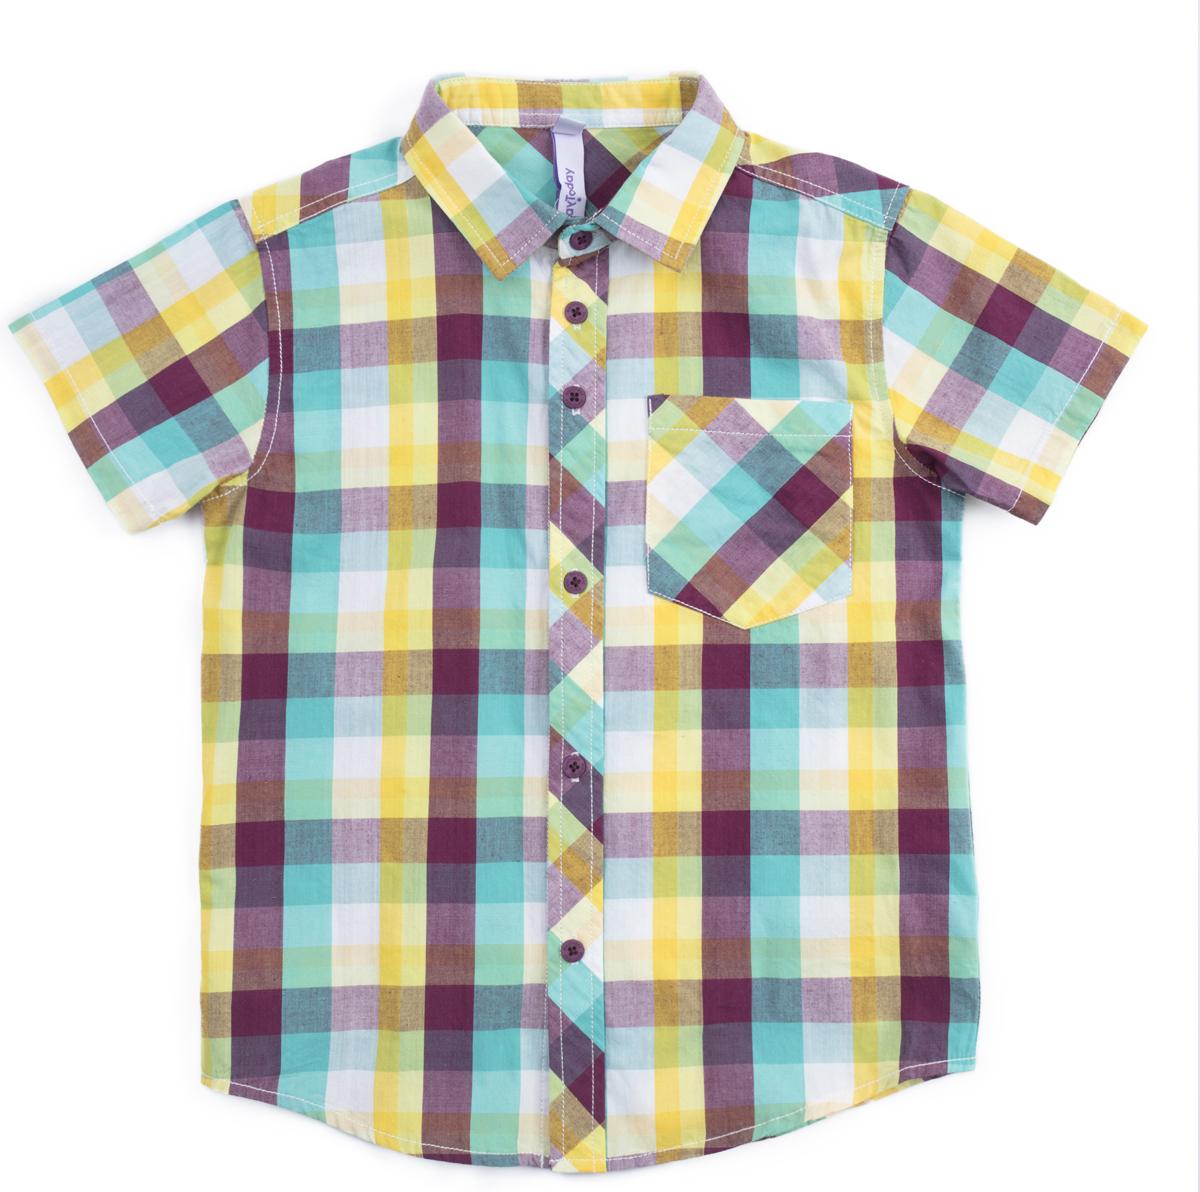 Рубашка для мальчика PlayToday, цвет: белый, желтый, голубой. 181153. Размер 110181153Сорочка с коротким рукавом классического кроя, выполнена из натурального материала. Модель дополнена накладным карманом.